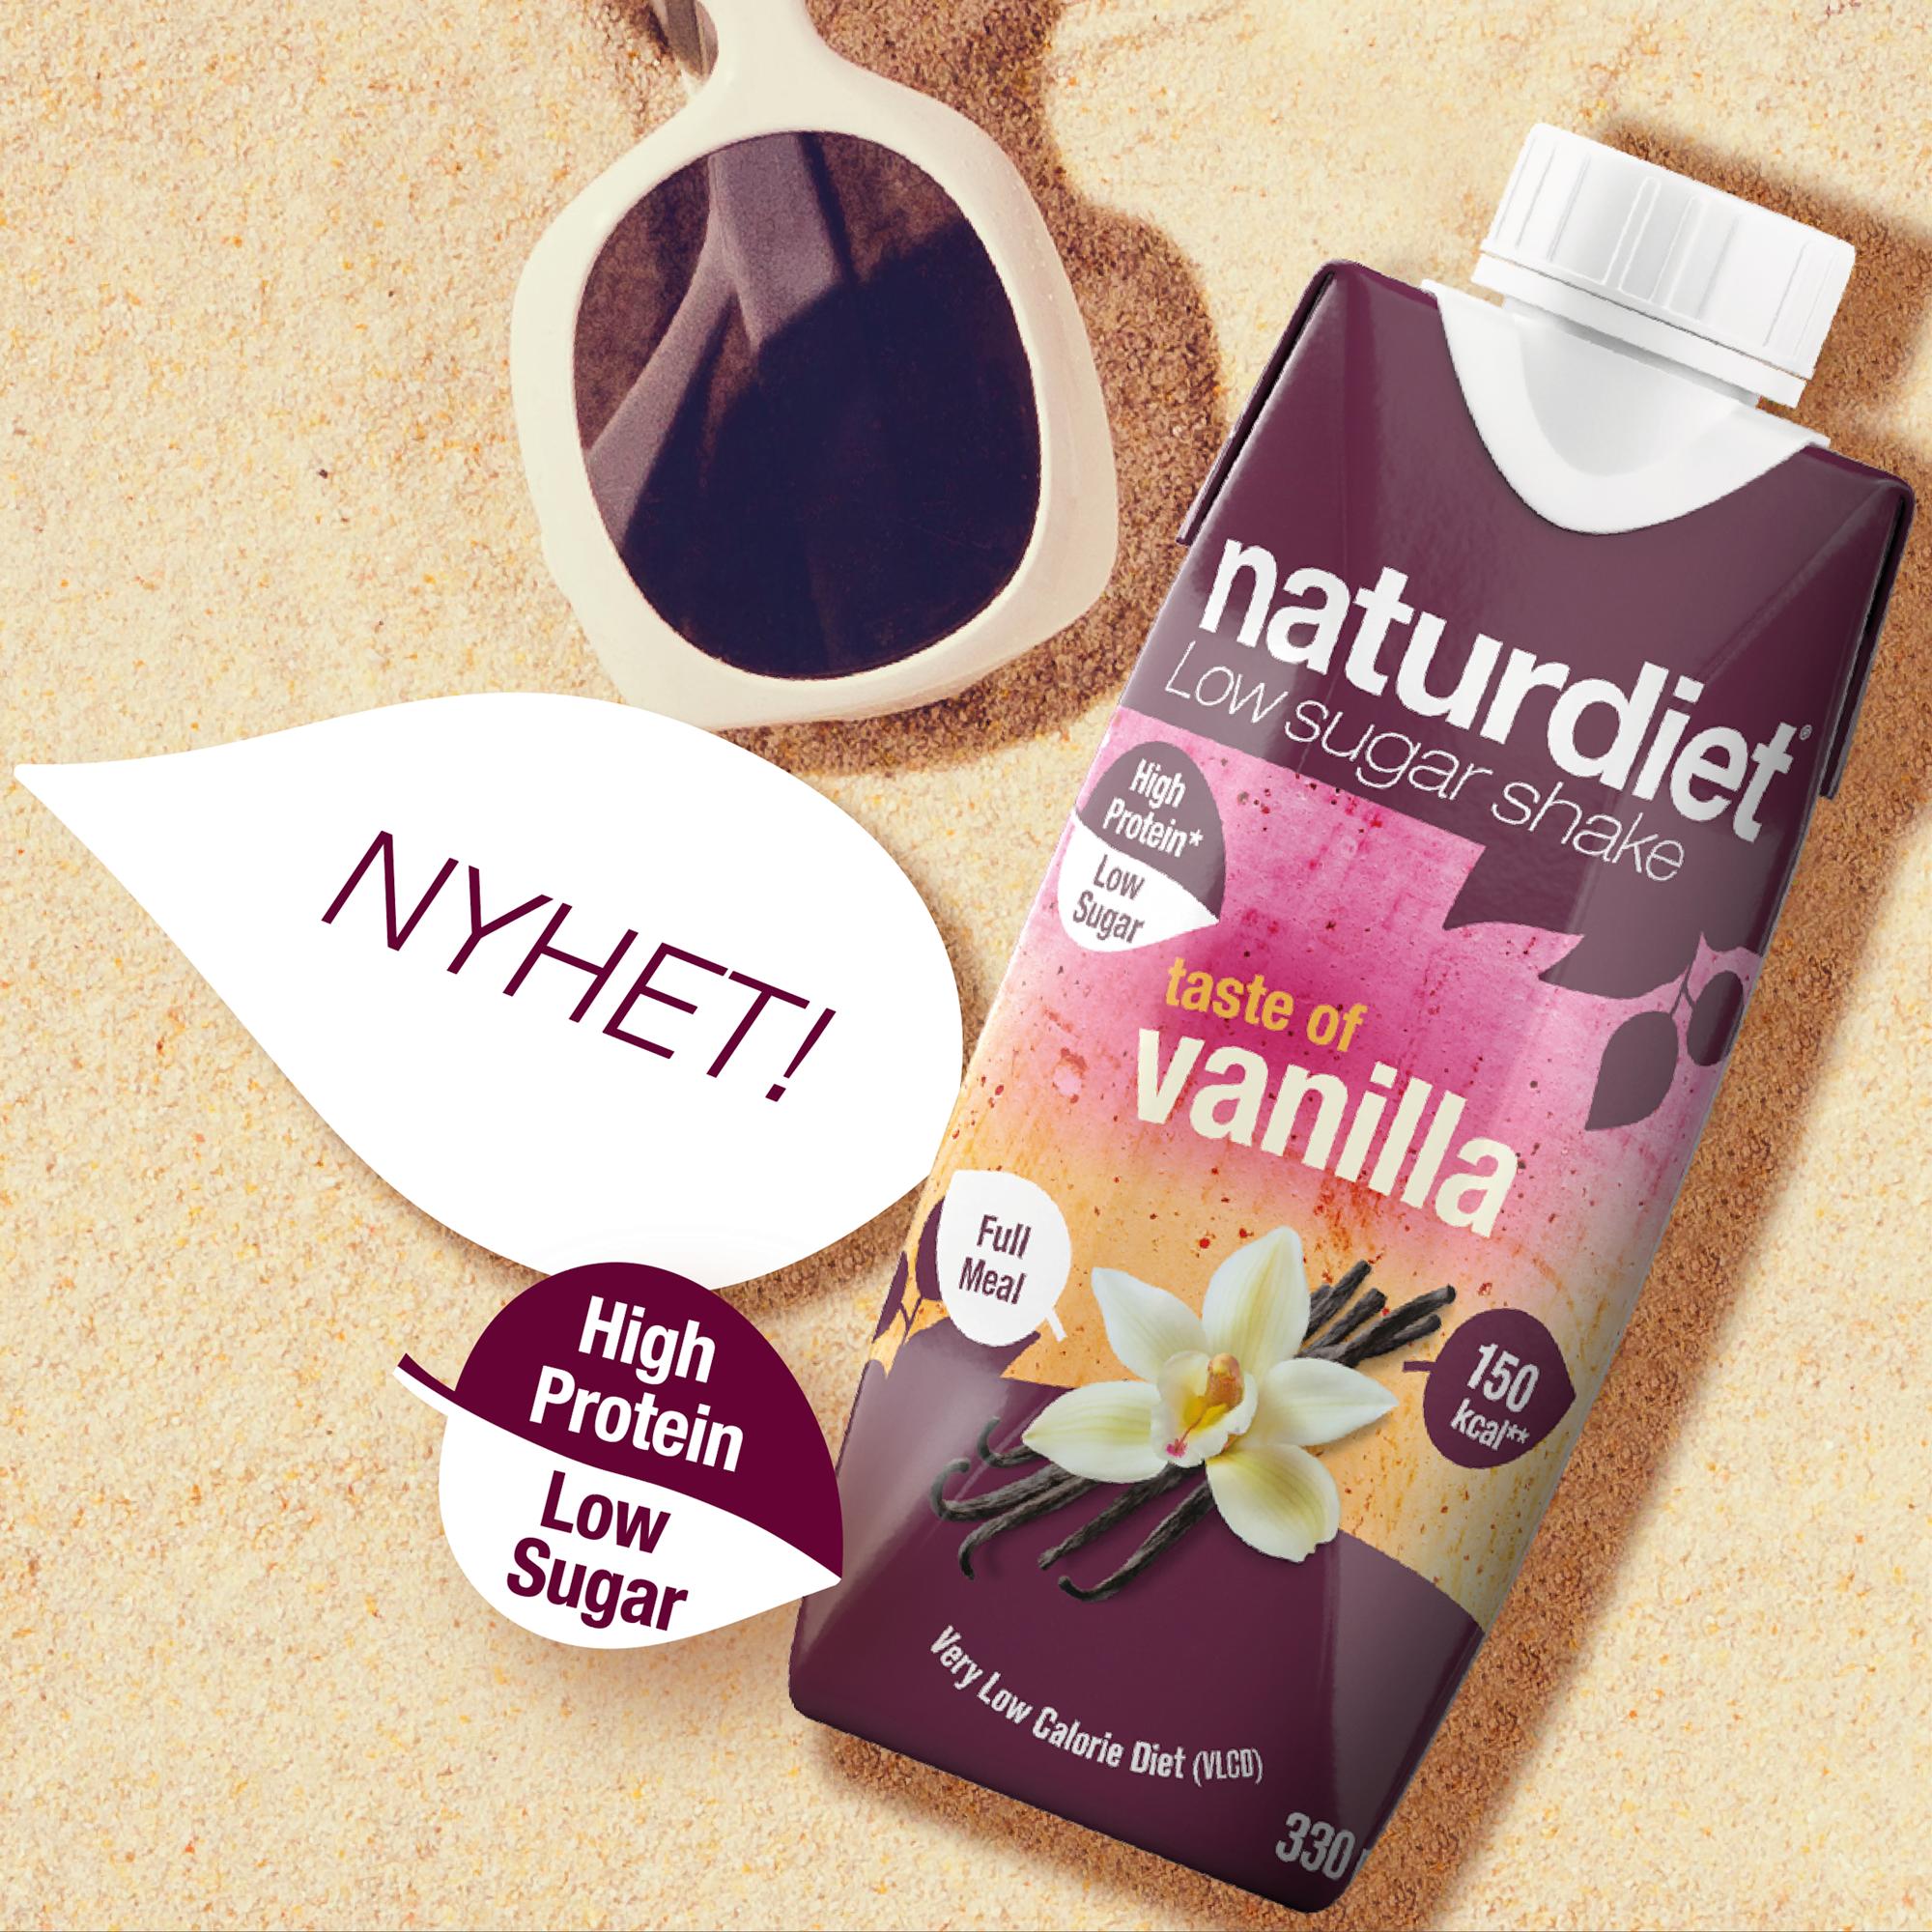 Naturdiet utökar sitt sortiment av shakes med favoritsmaken Vanilla